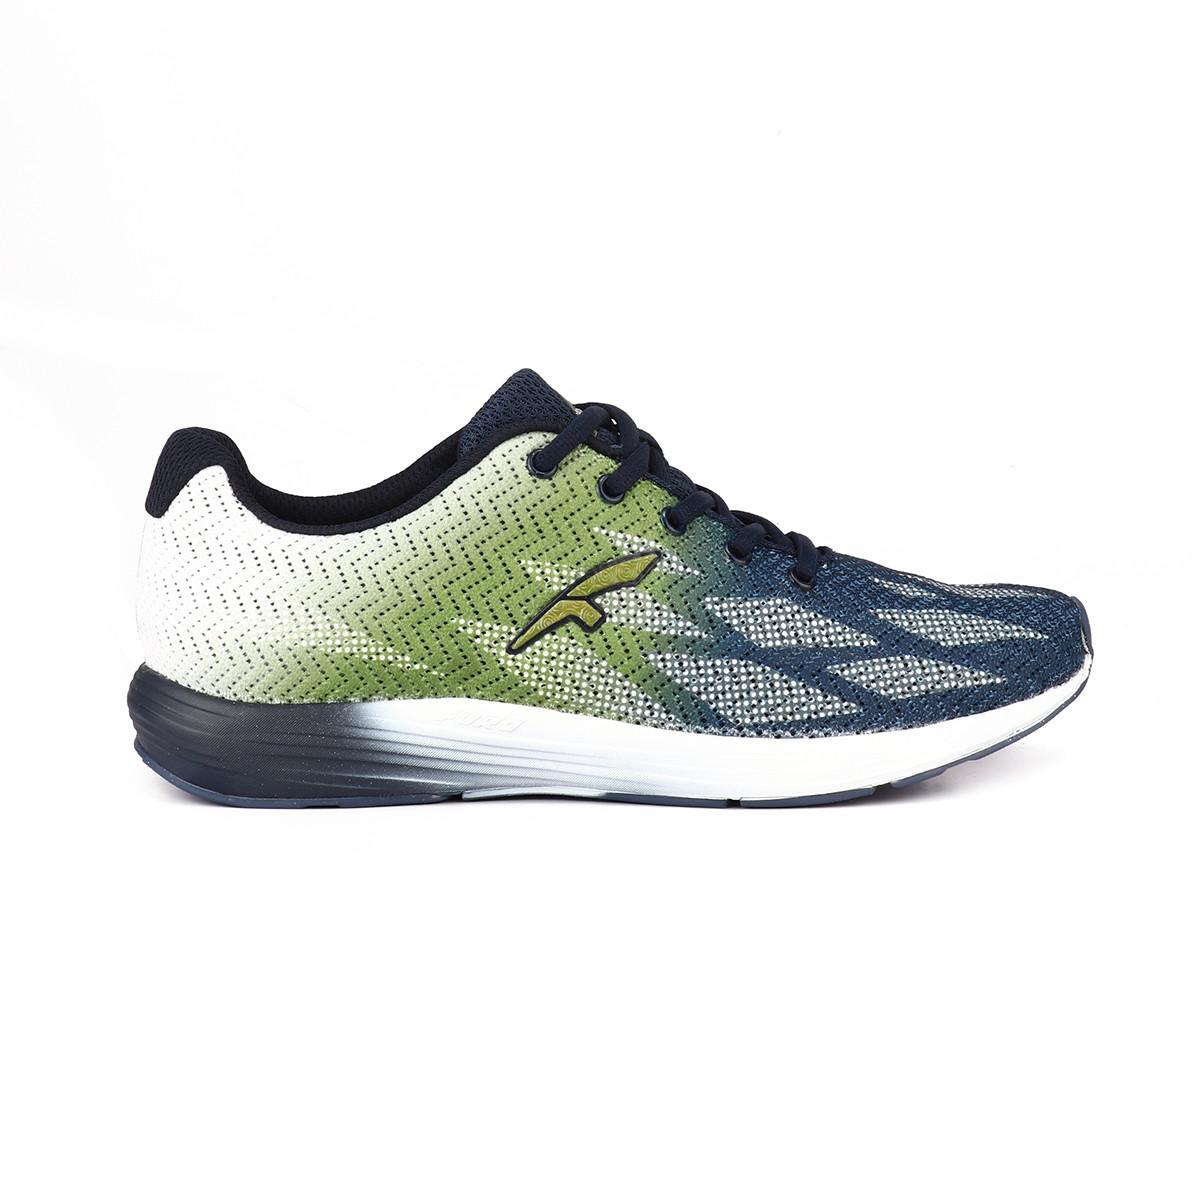 FURO O-5018 | Running Shoes for Men